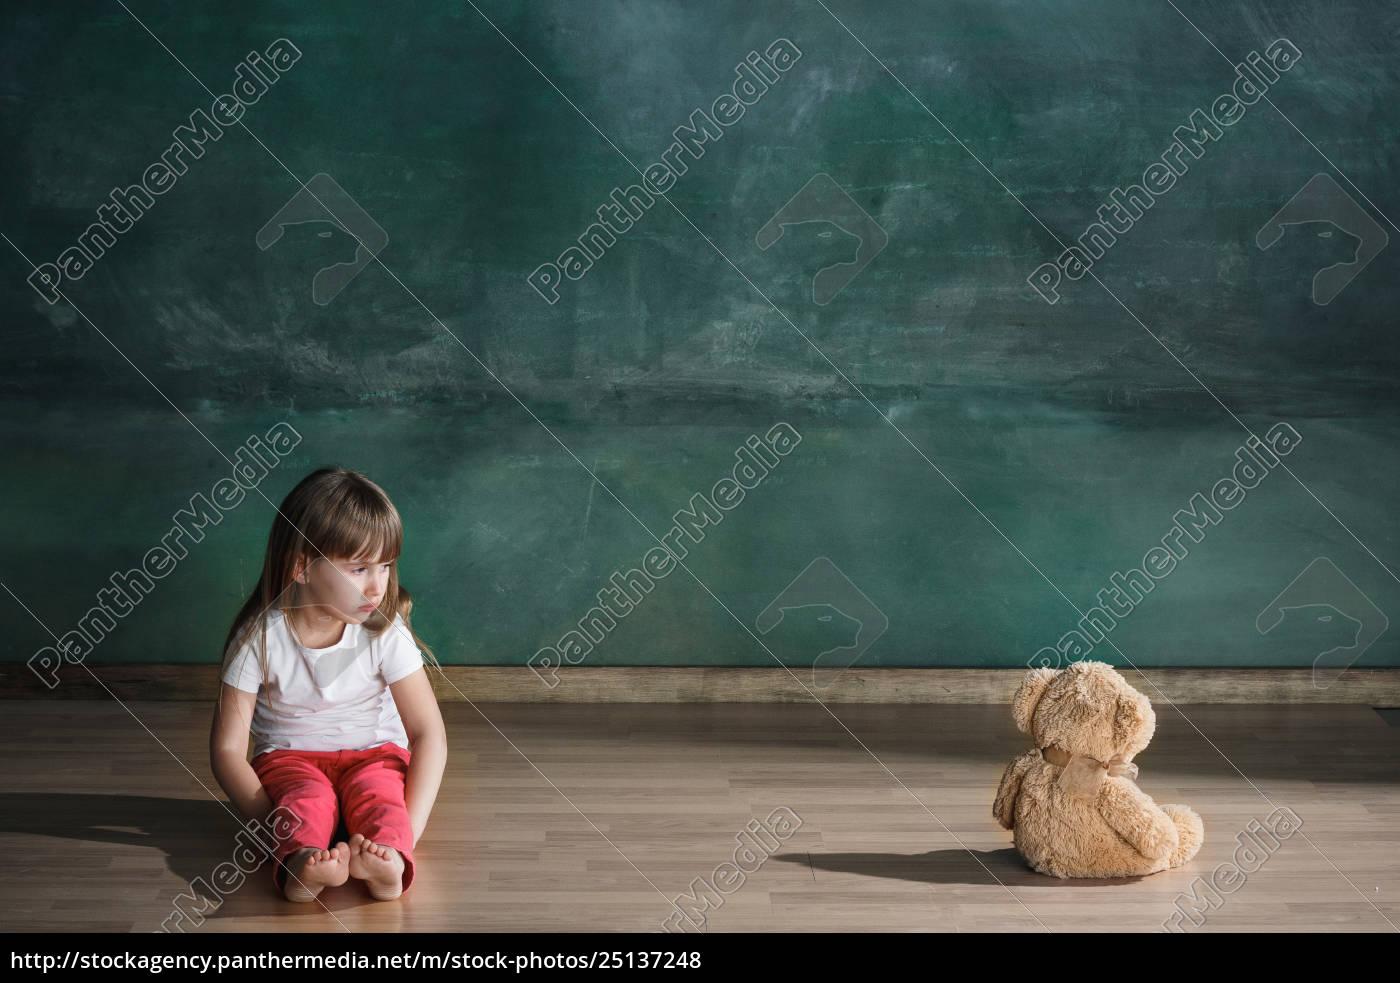 mała, dziewczynka, z, misia, siedzi, na - 25137248